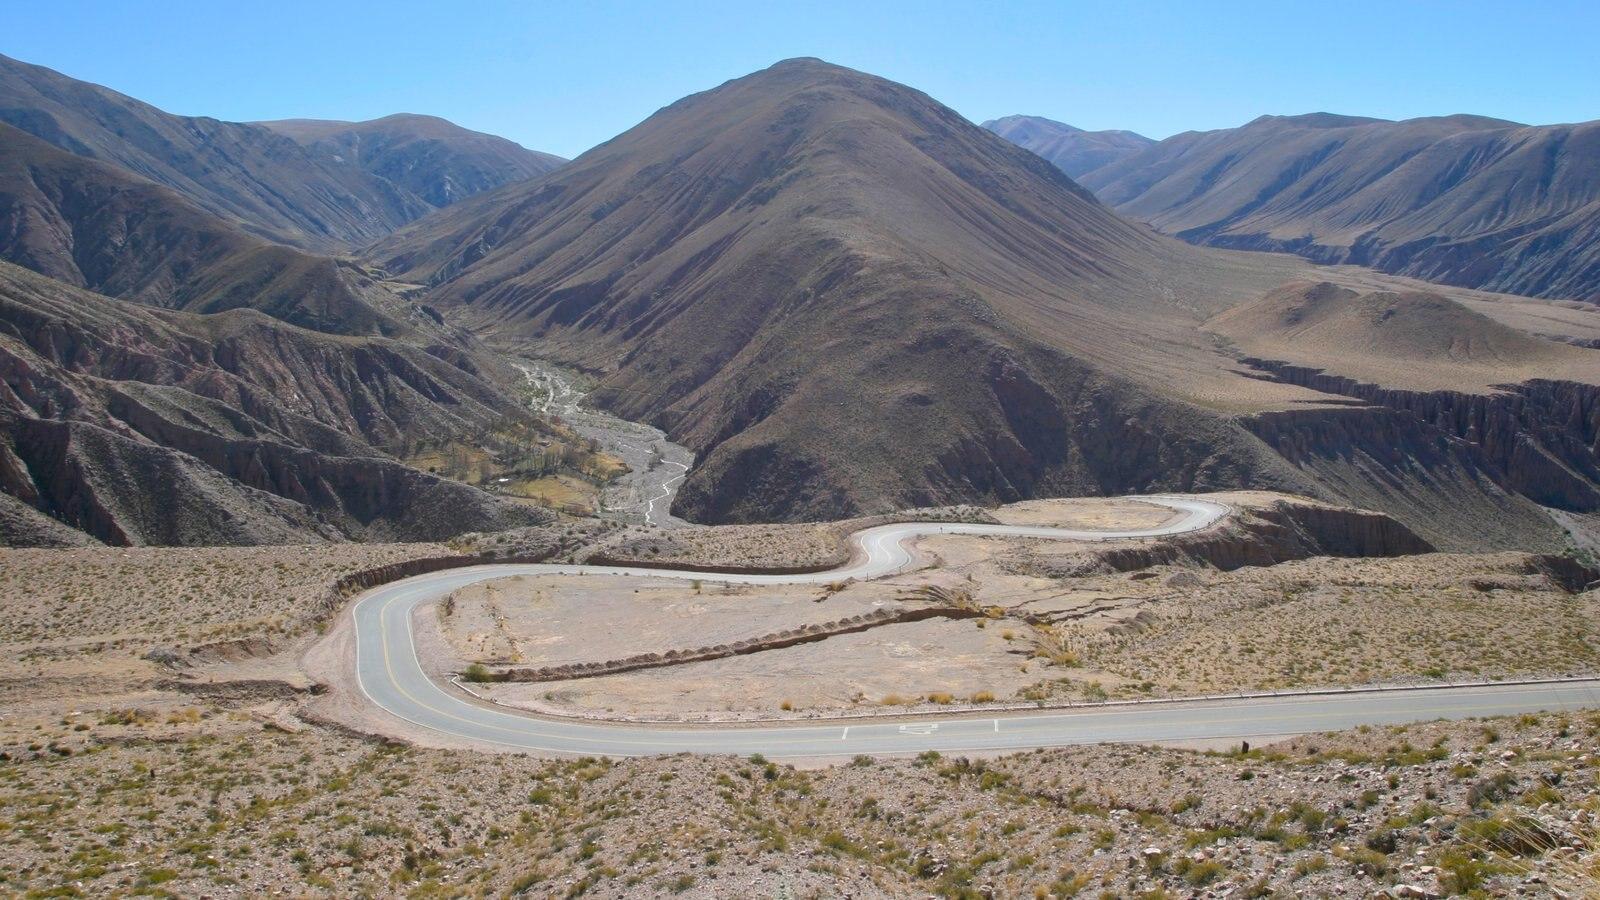 Argentina caracterizando montanhas, paisagem e paisagens do deserto